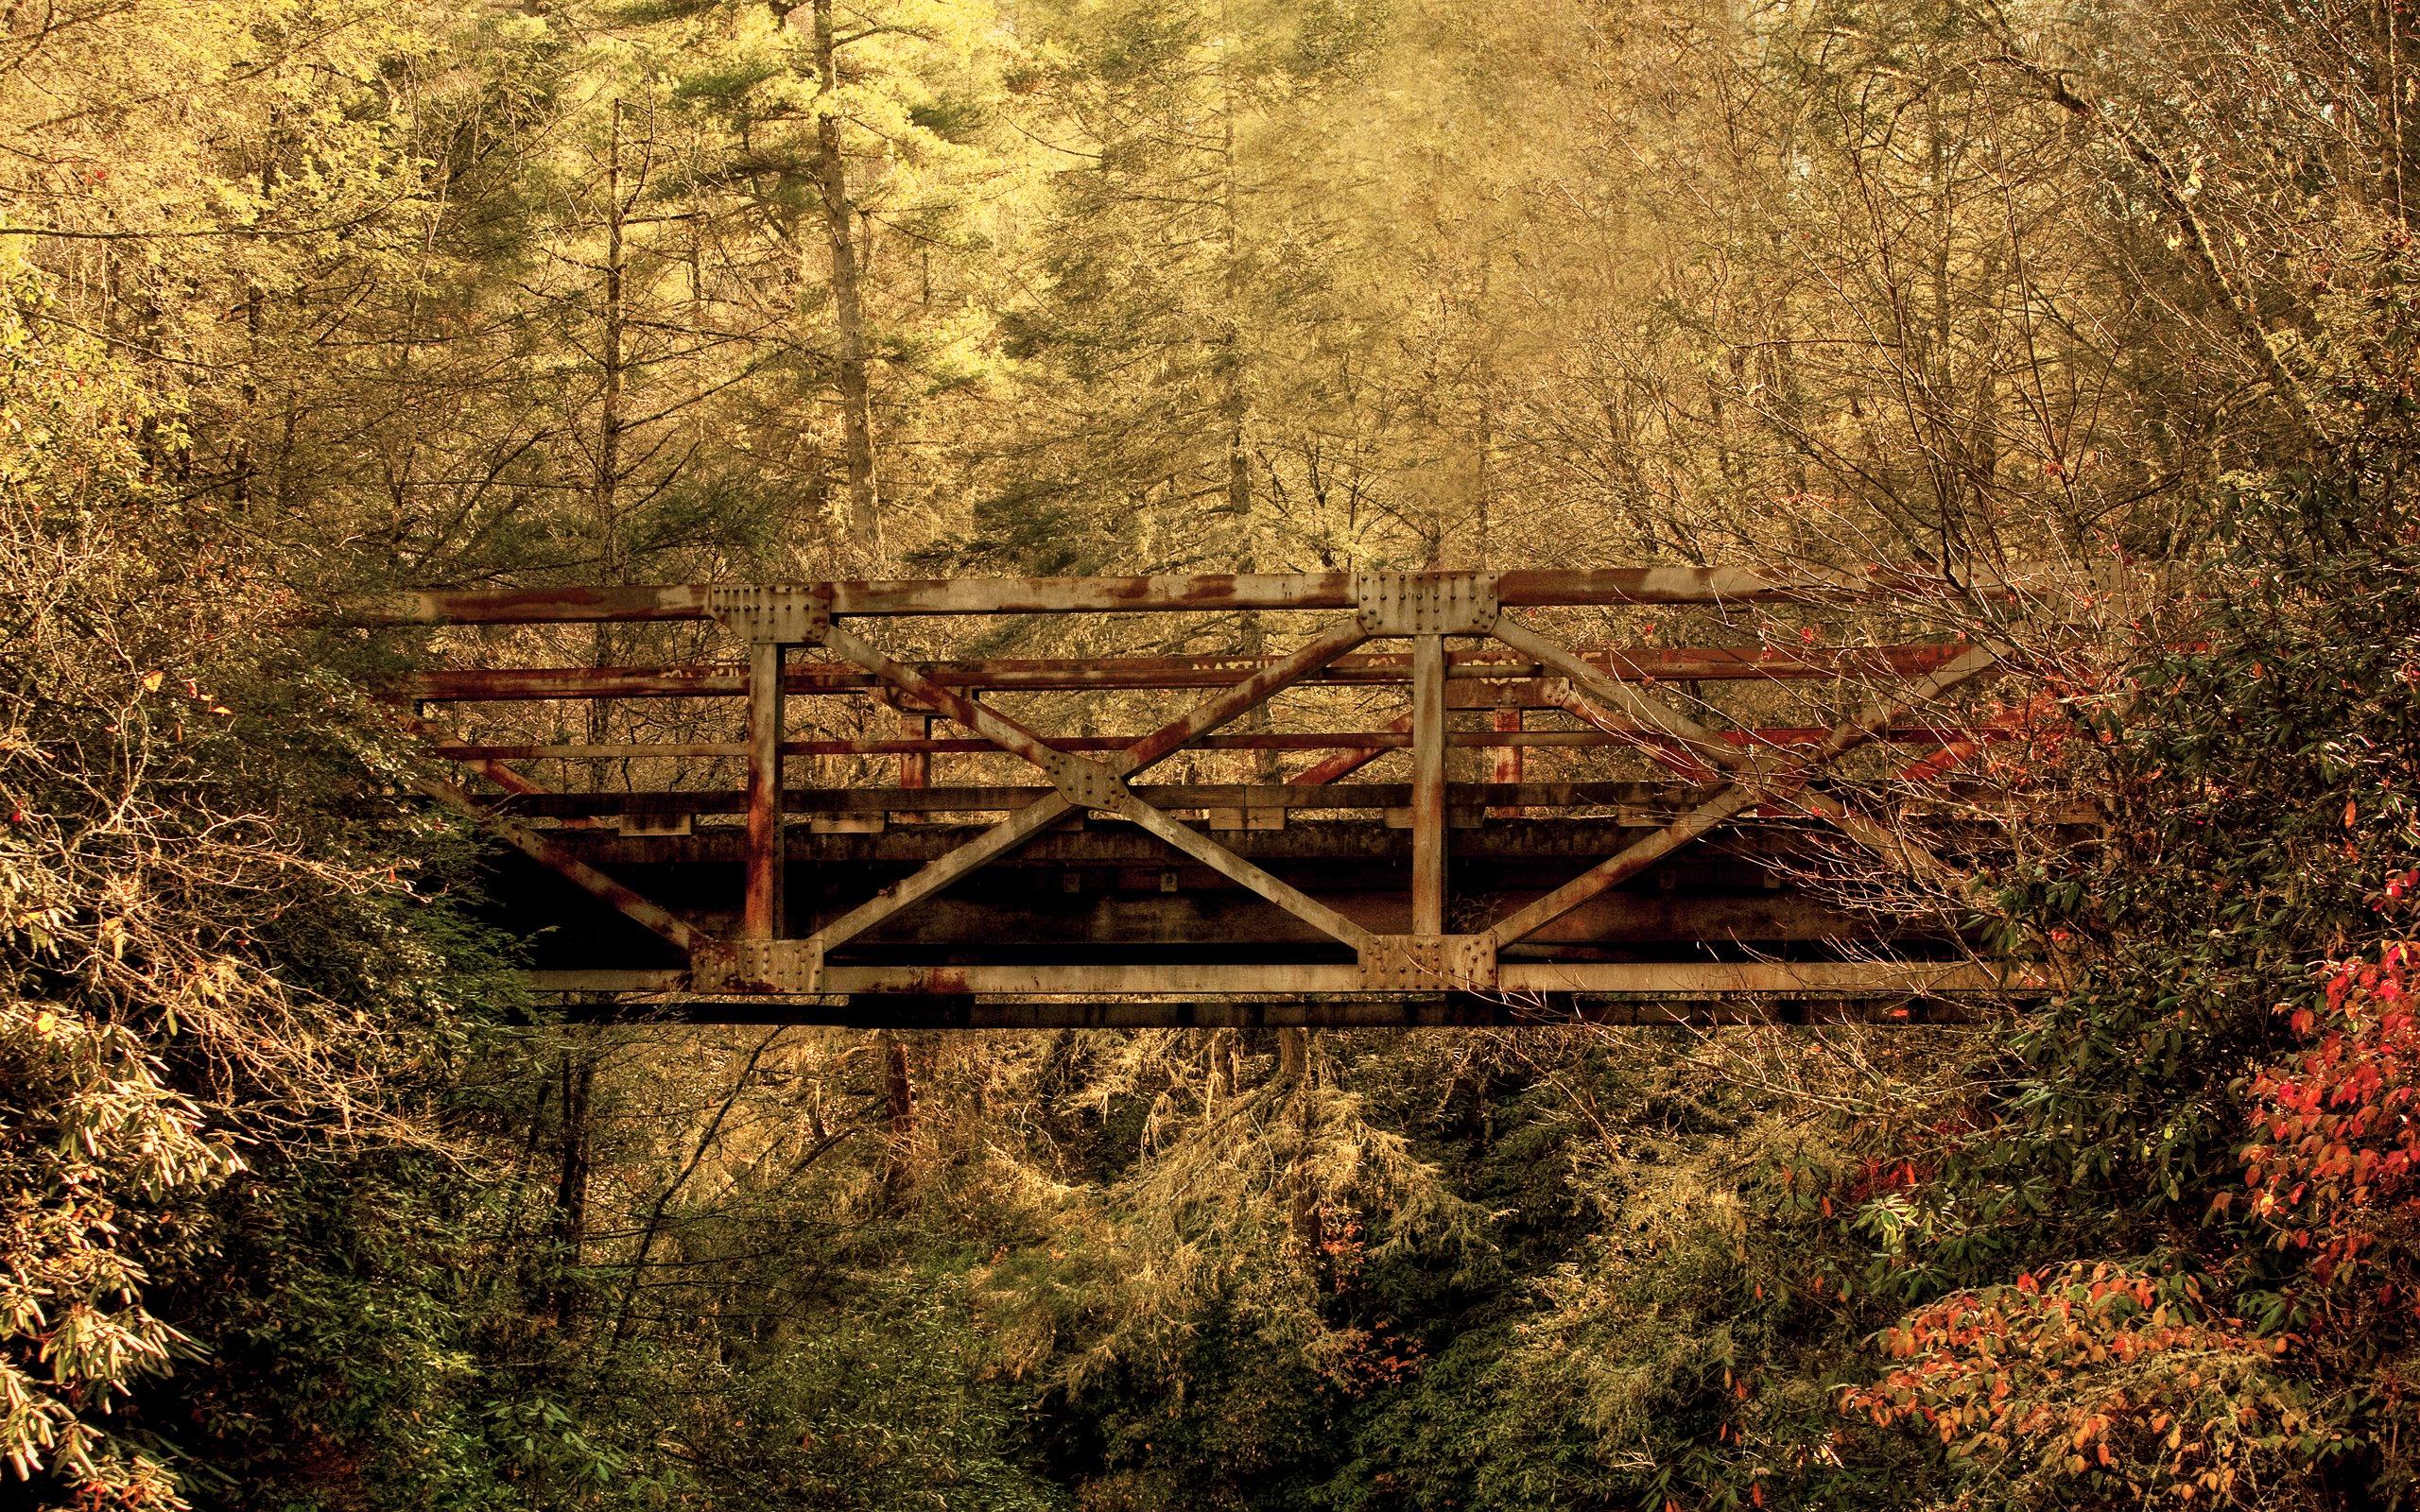 Fondos de pantalla Puente en bosque de otoño